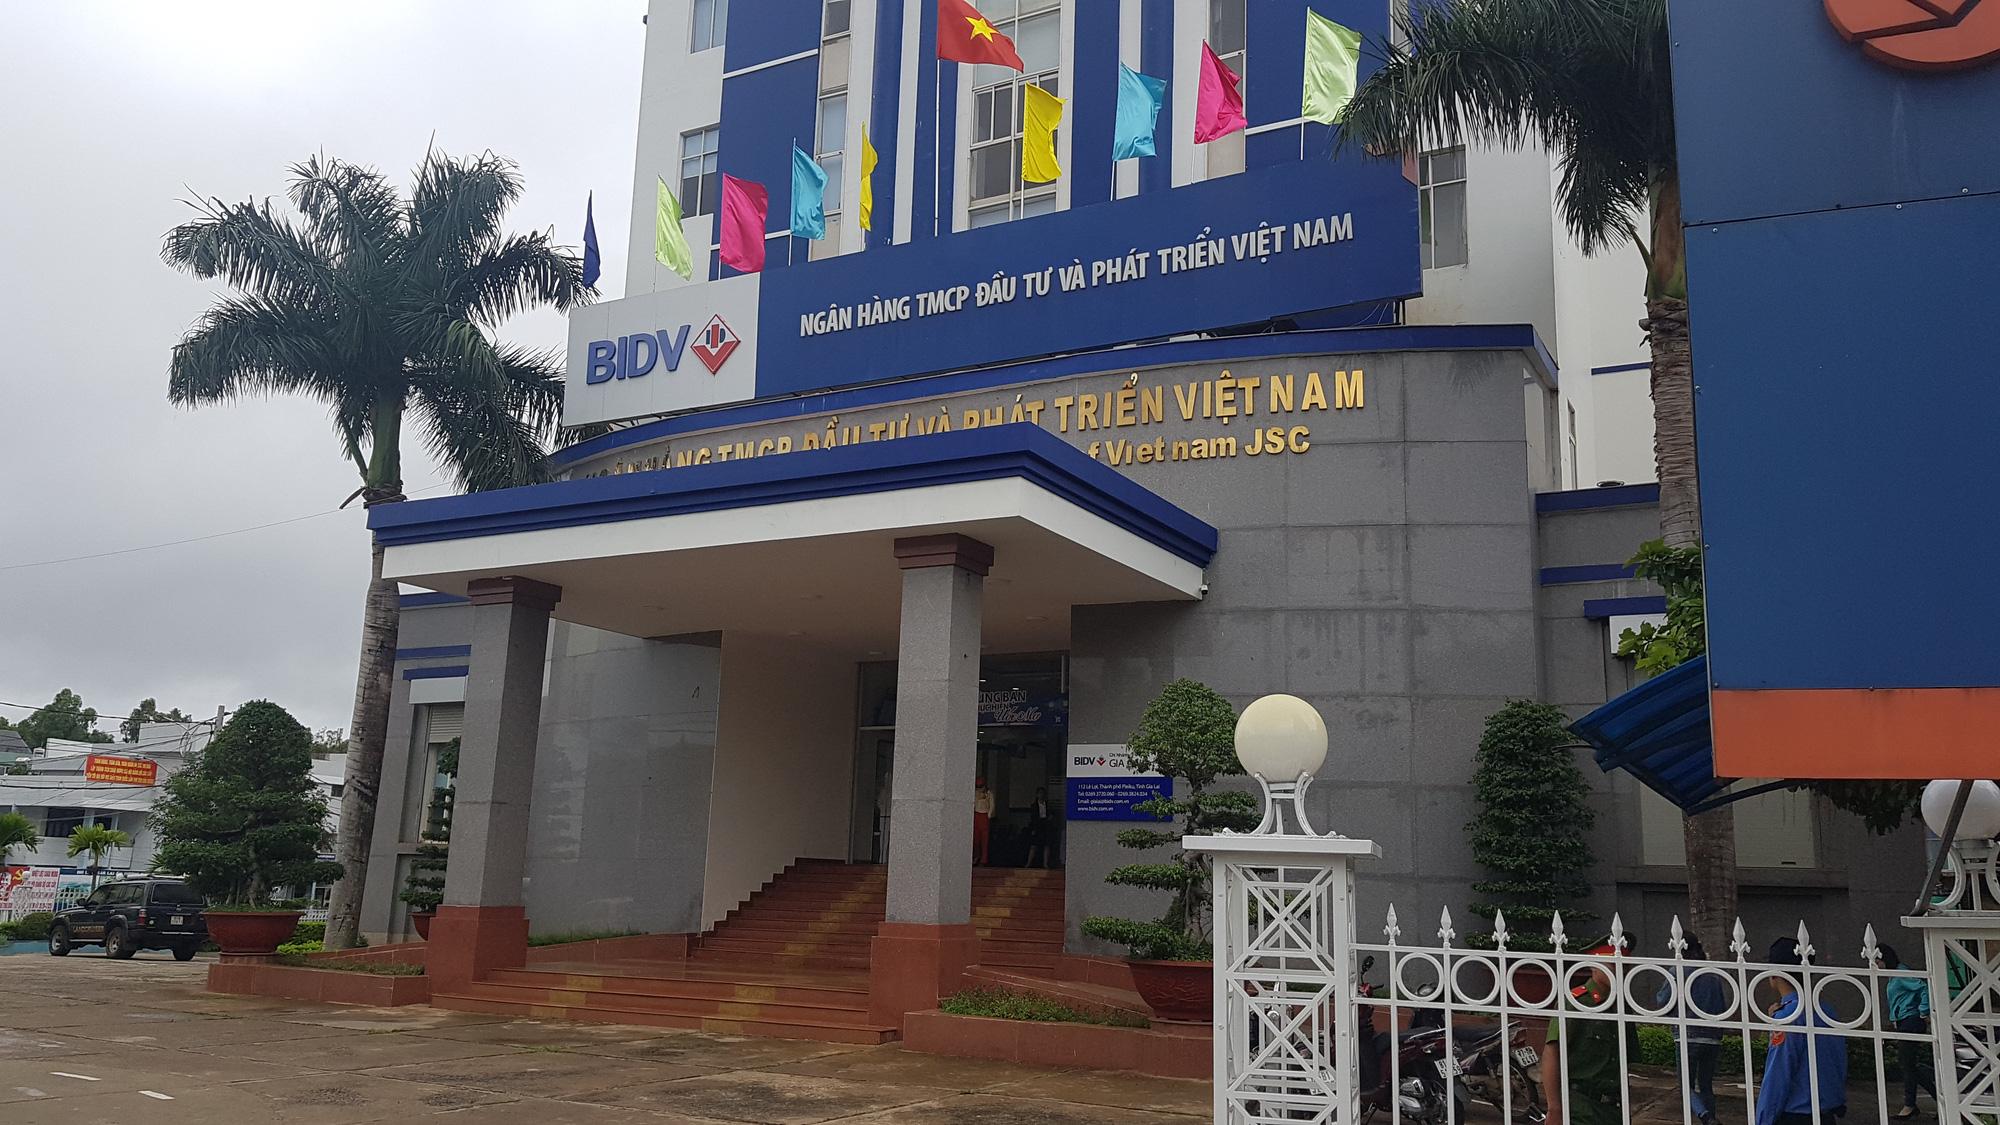 Cán bộ ngân hàng BIDV vỡ nợ trăm tỷ đã đầu thú - Ảnh 1.